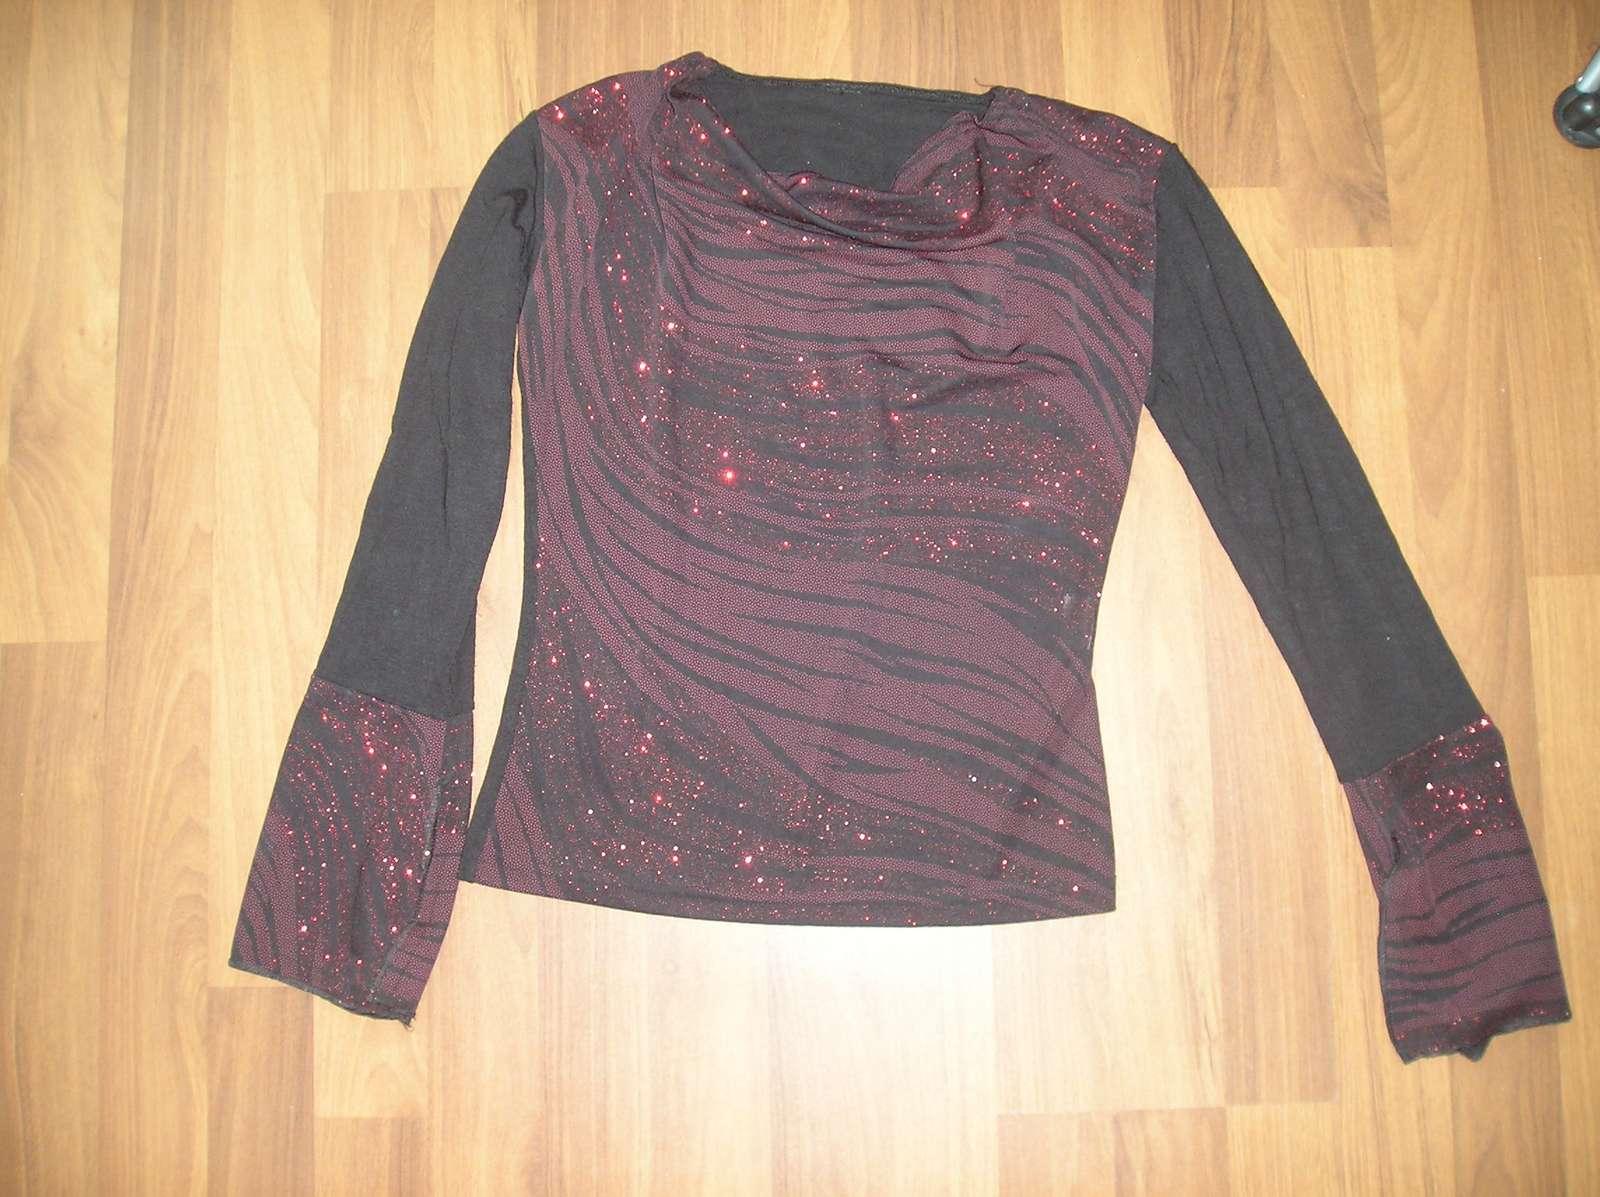 Čierno-červené tričko do spoločnosti  - Obrázok č. 1